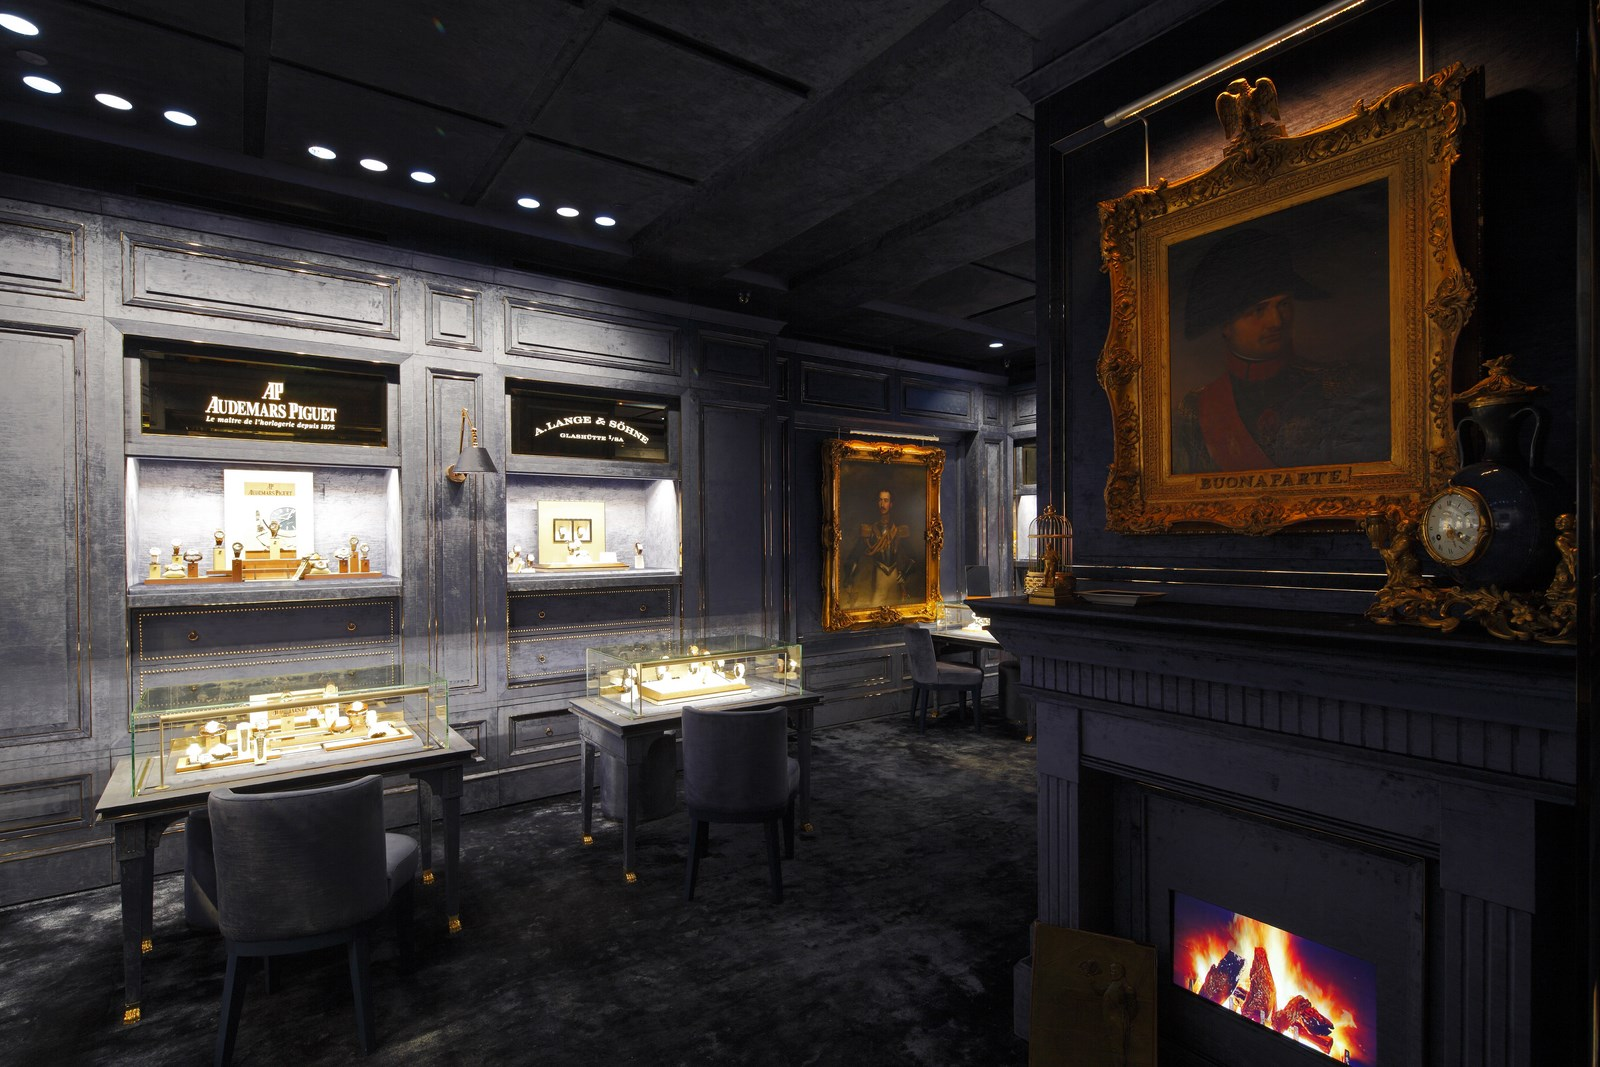 3_The Napoleon Room [1600x1200]